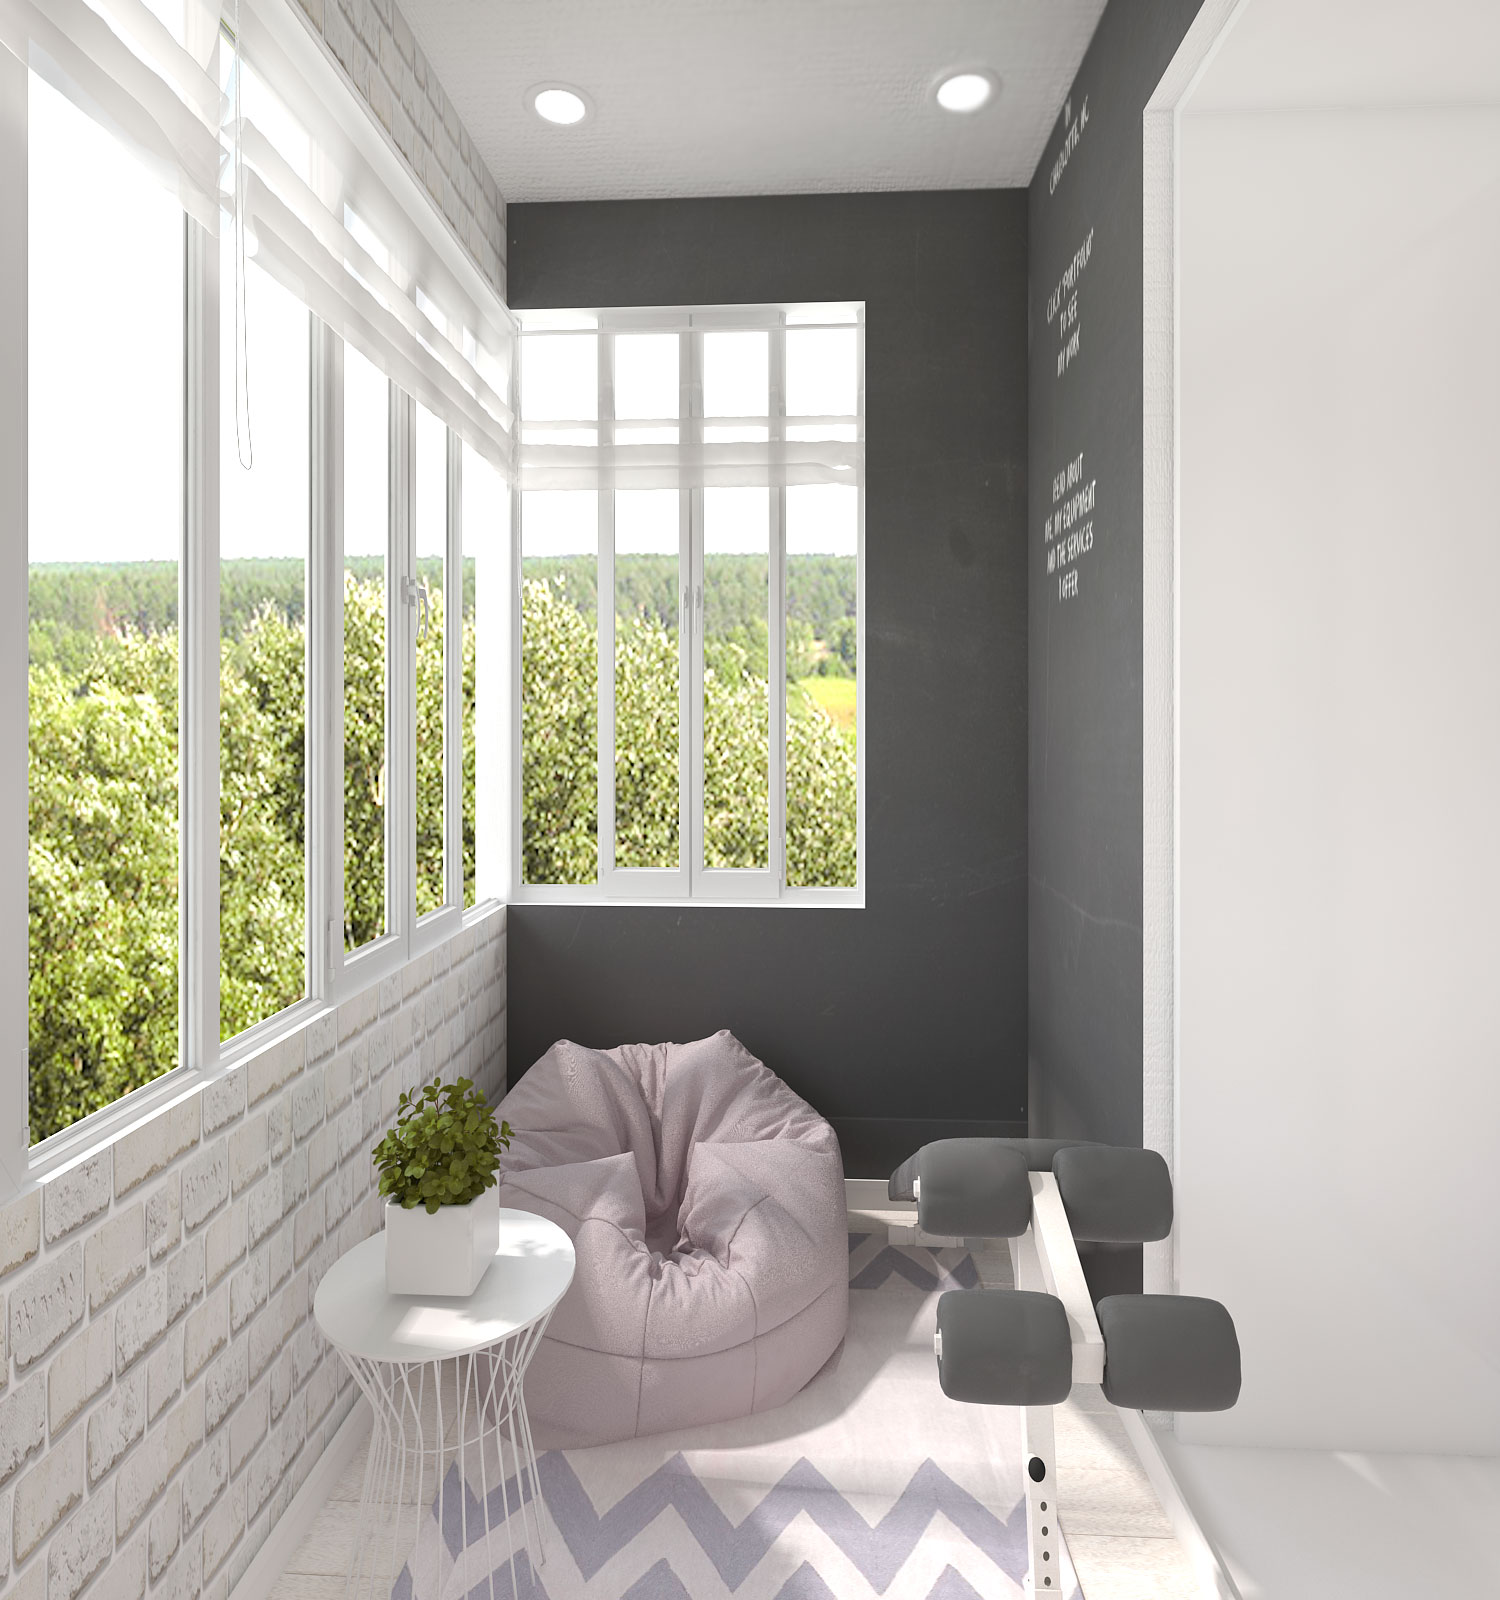 Балкон — квартира на ул. Васильевский пер. дом 5, г. Рязань